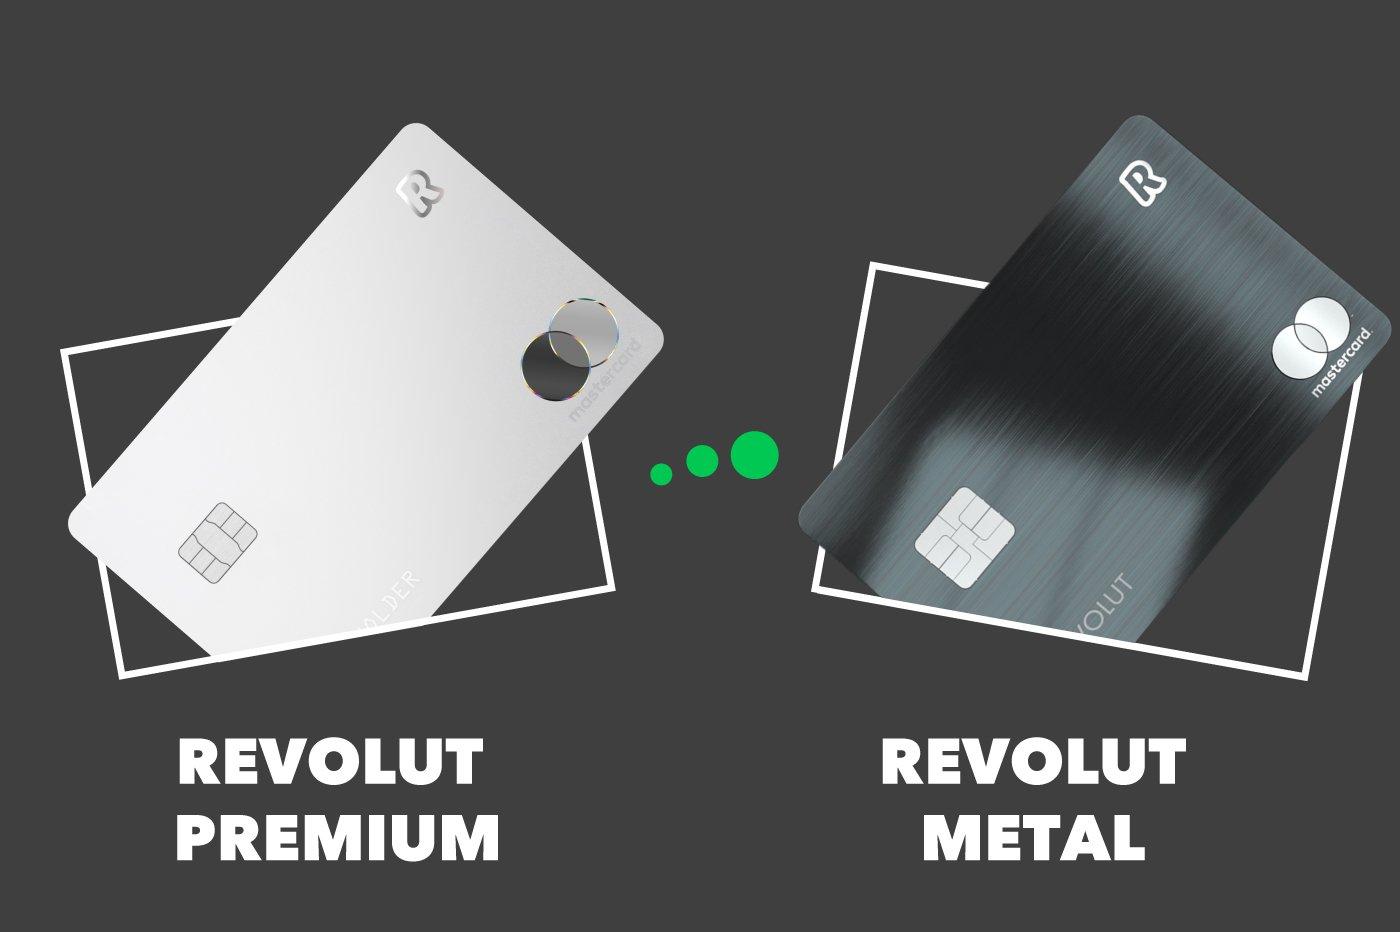 Revolut Premium vs Revolut Metal